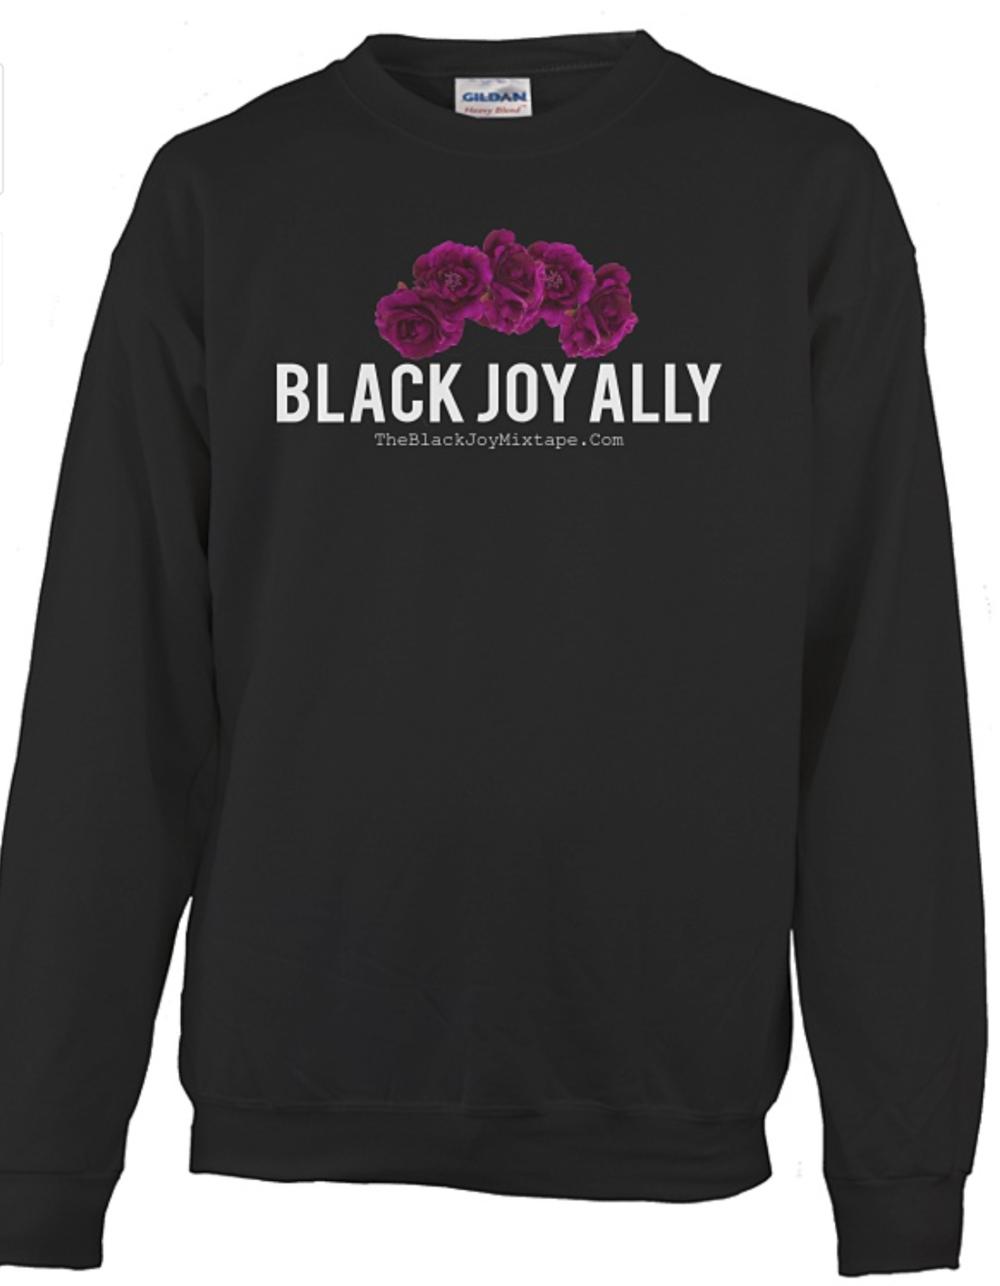 Sweatshirt $35